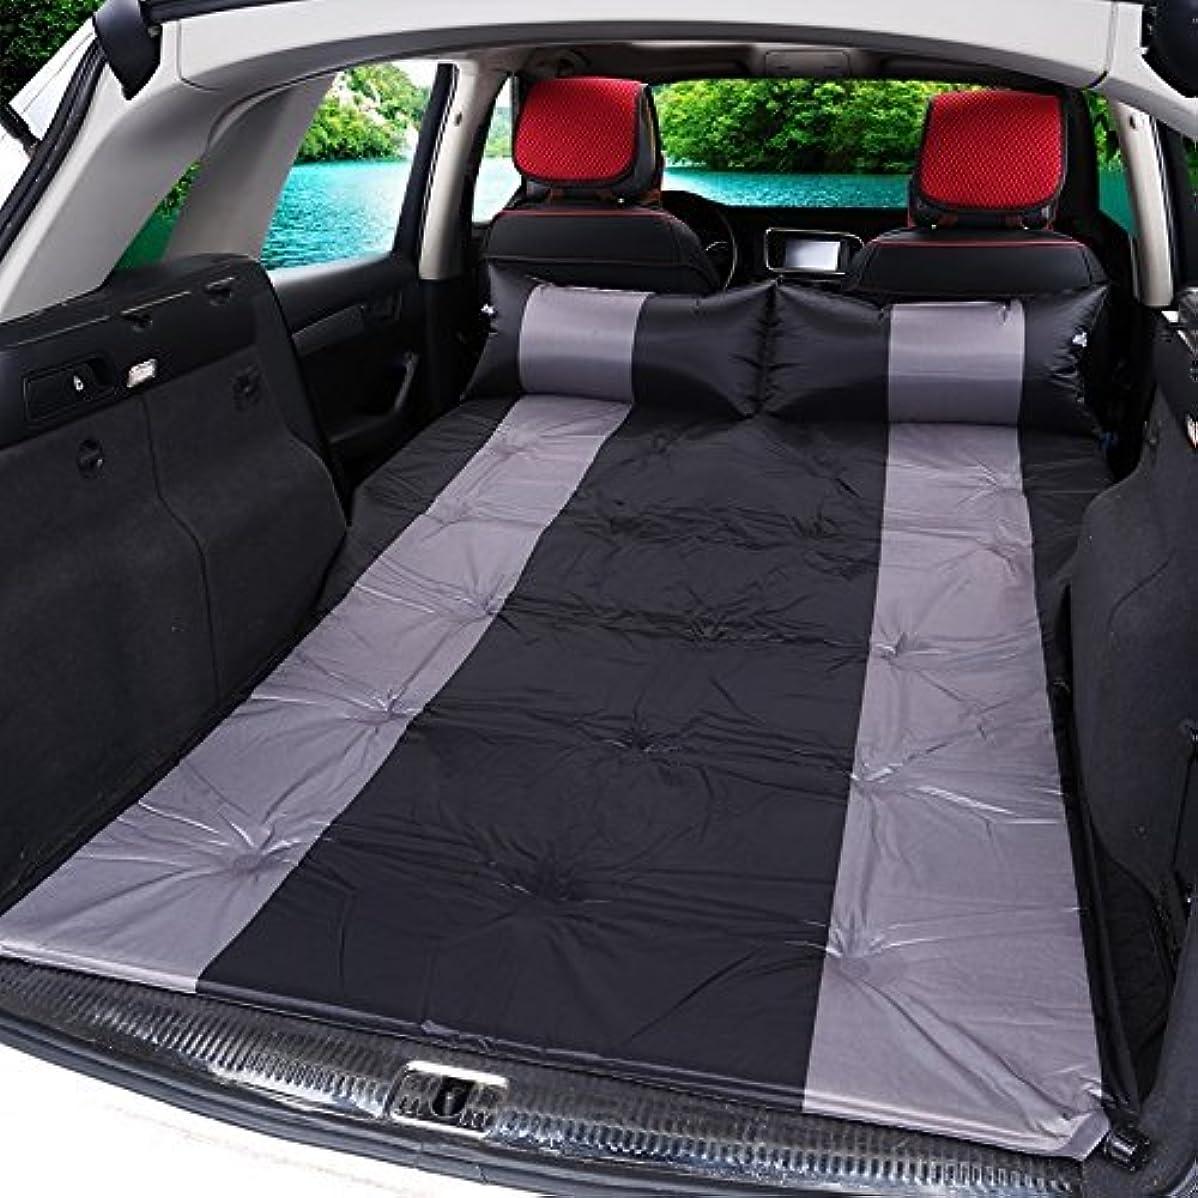 二ストレンジャー上回る車の衝撃のベッド車の旅行ベッドの自動膨脹可能なマットレス車の屋外のキャンプパッドのオフロード車の寝台パッドのベッド